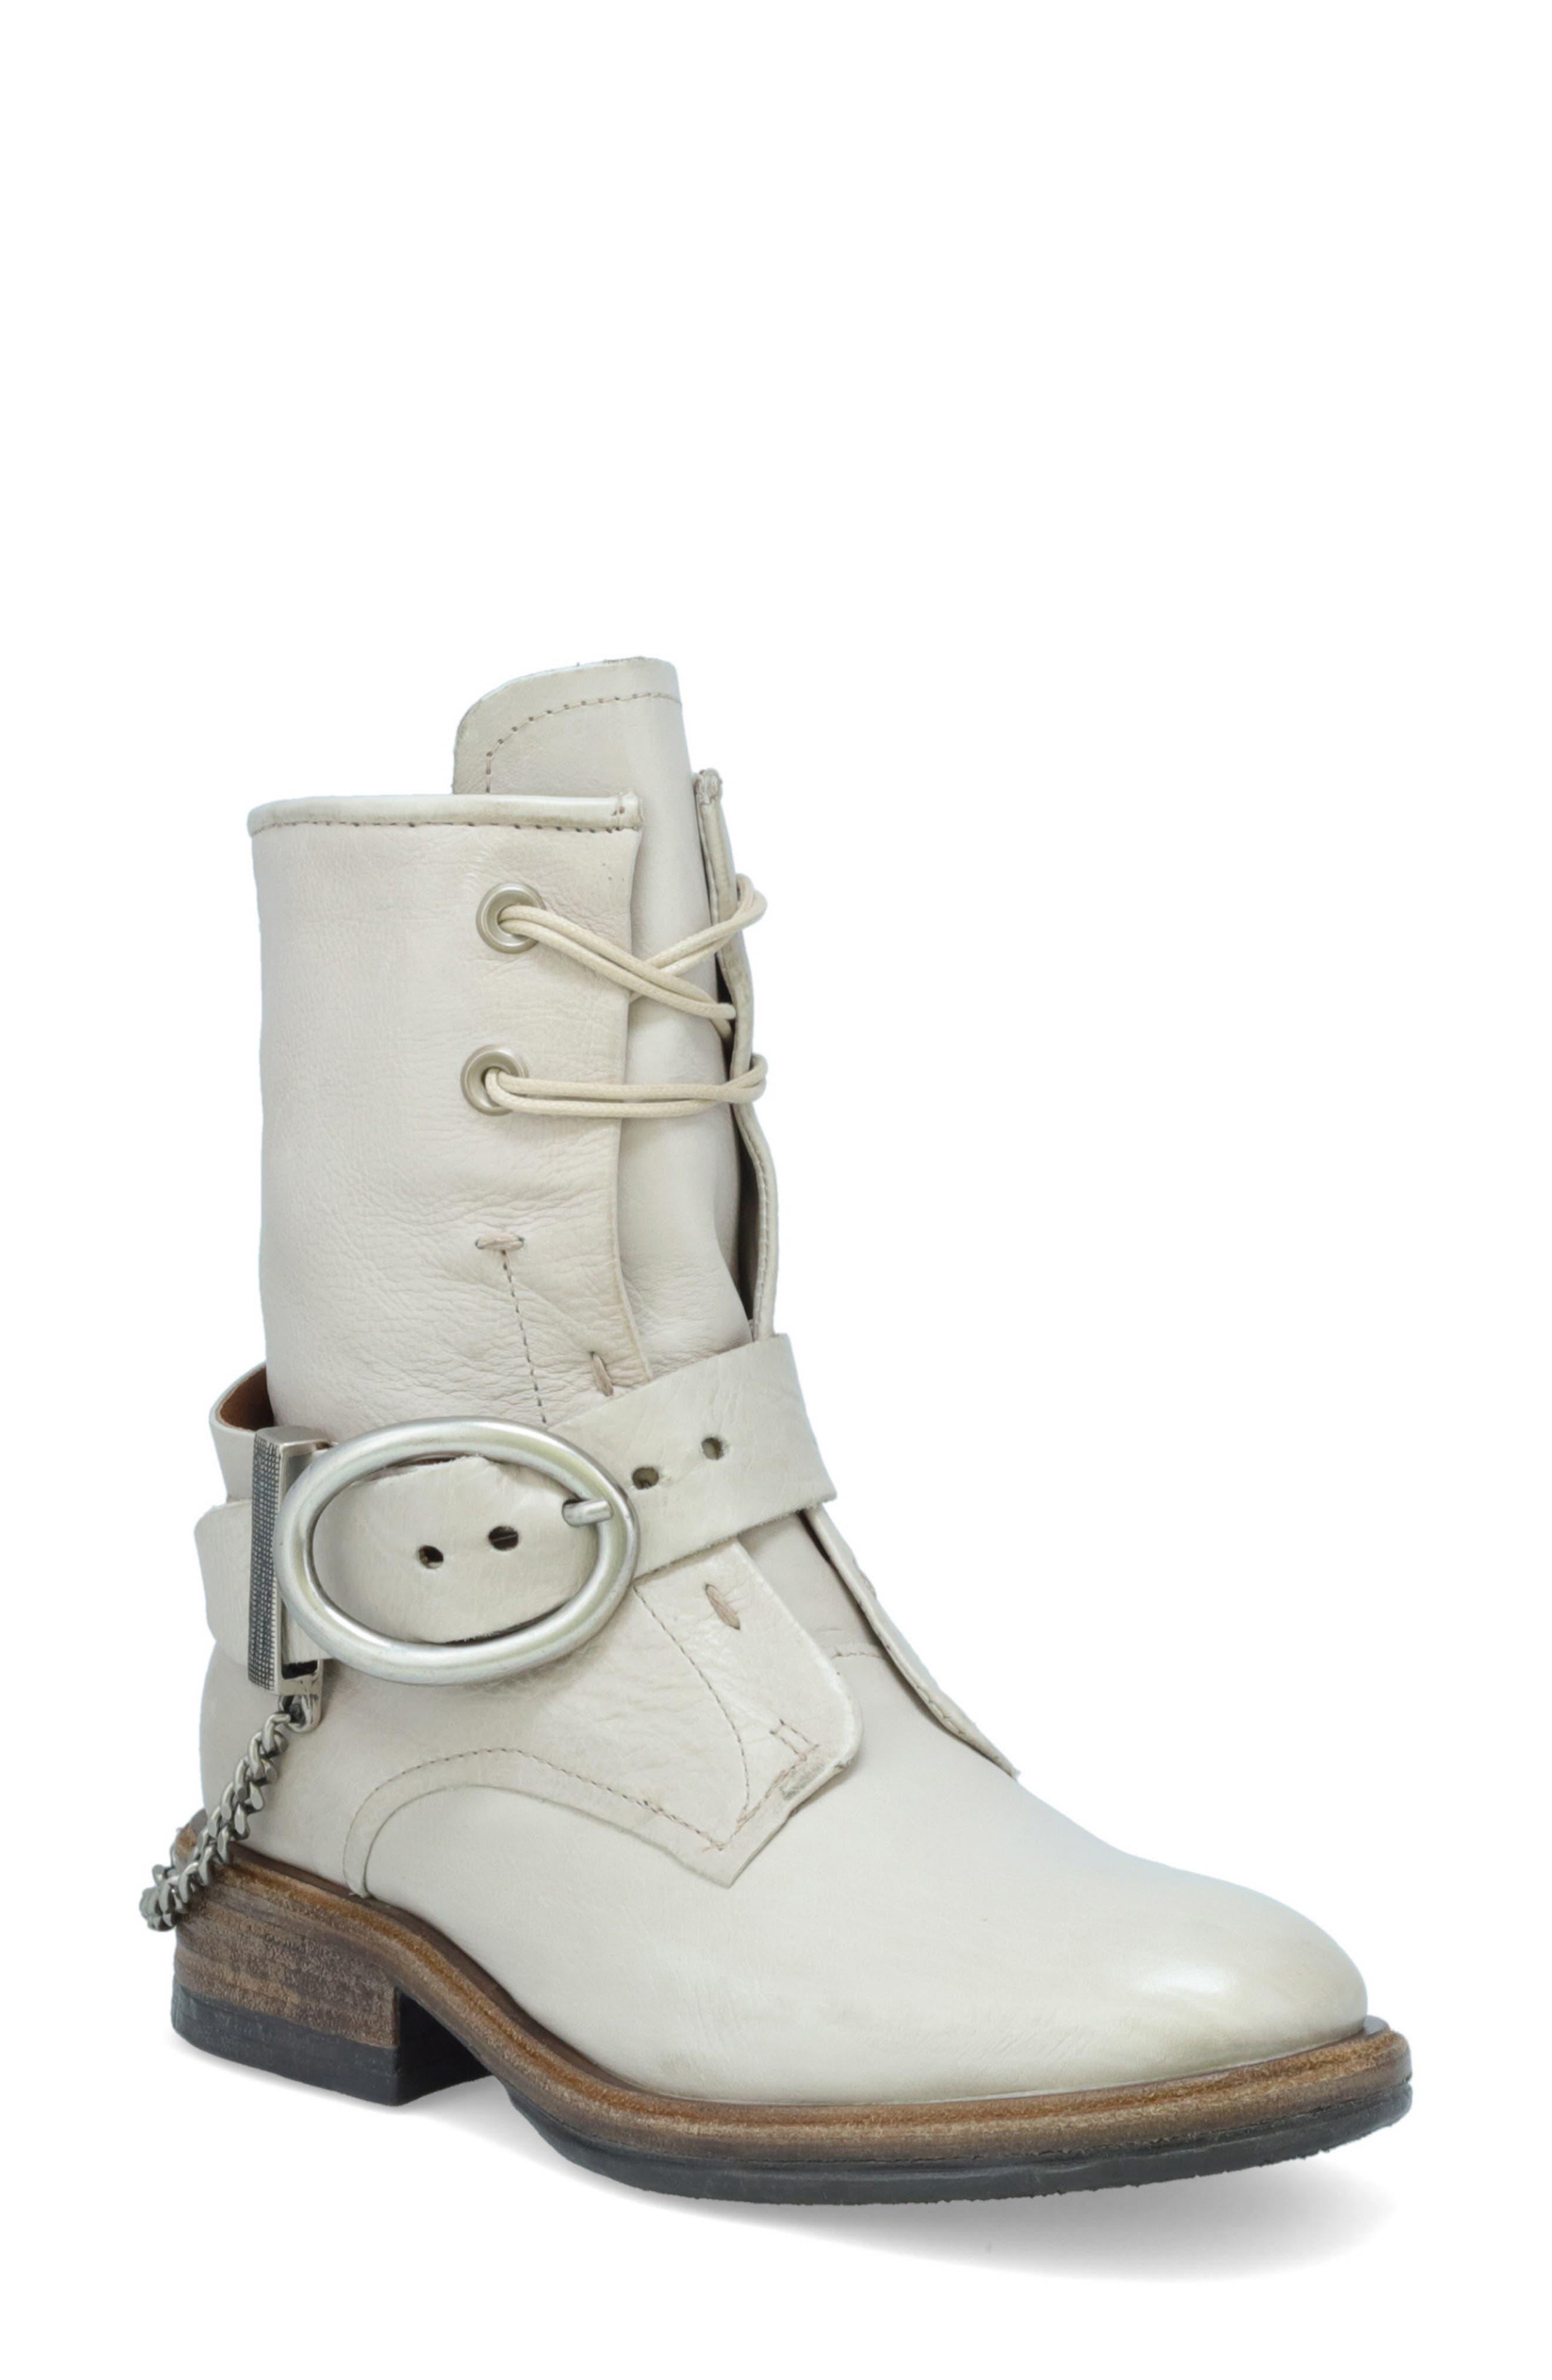 Women's A.s.98 Faust Boot